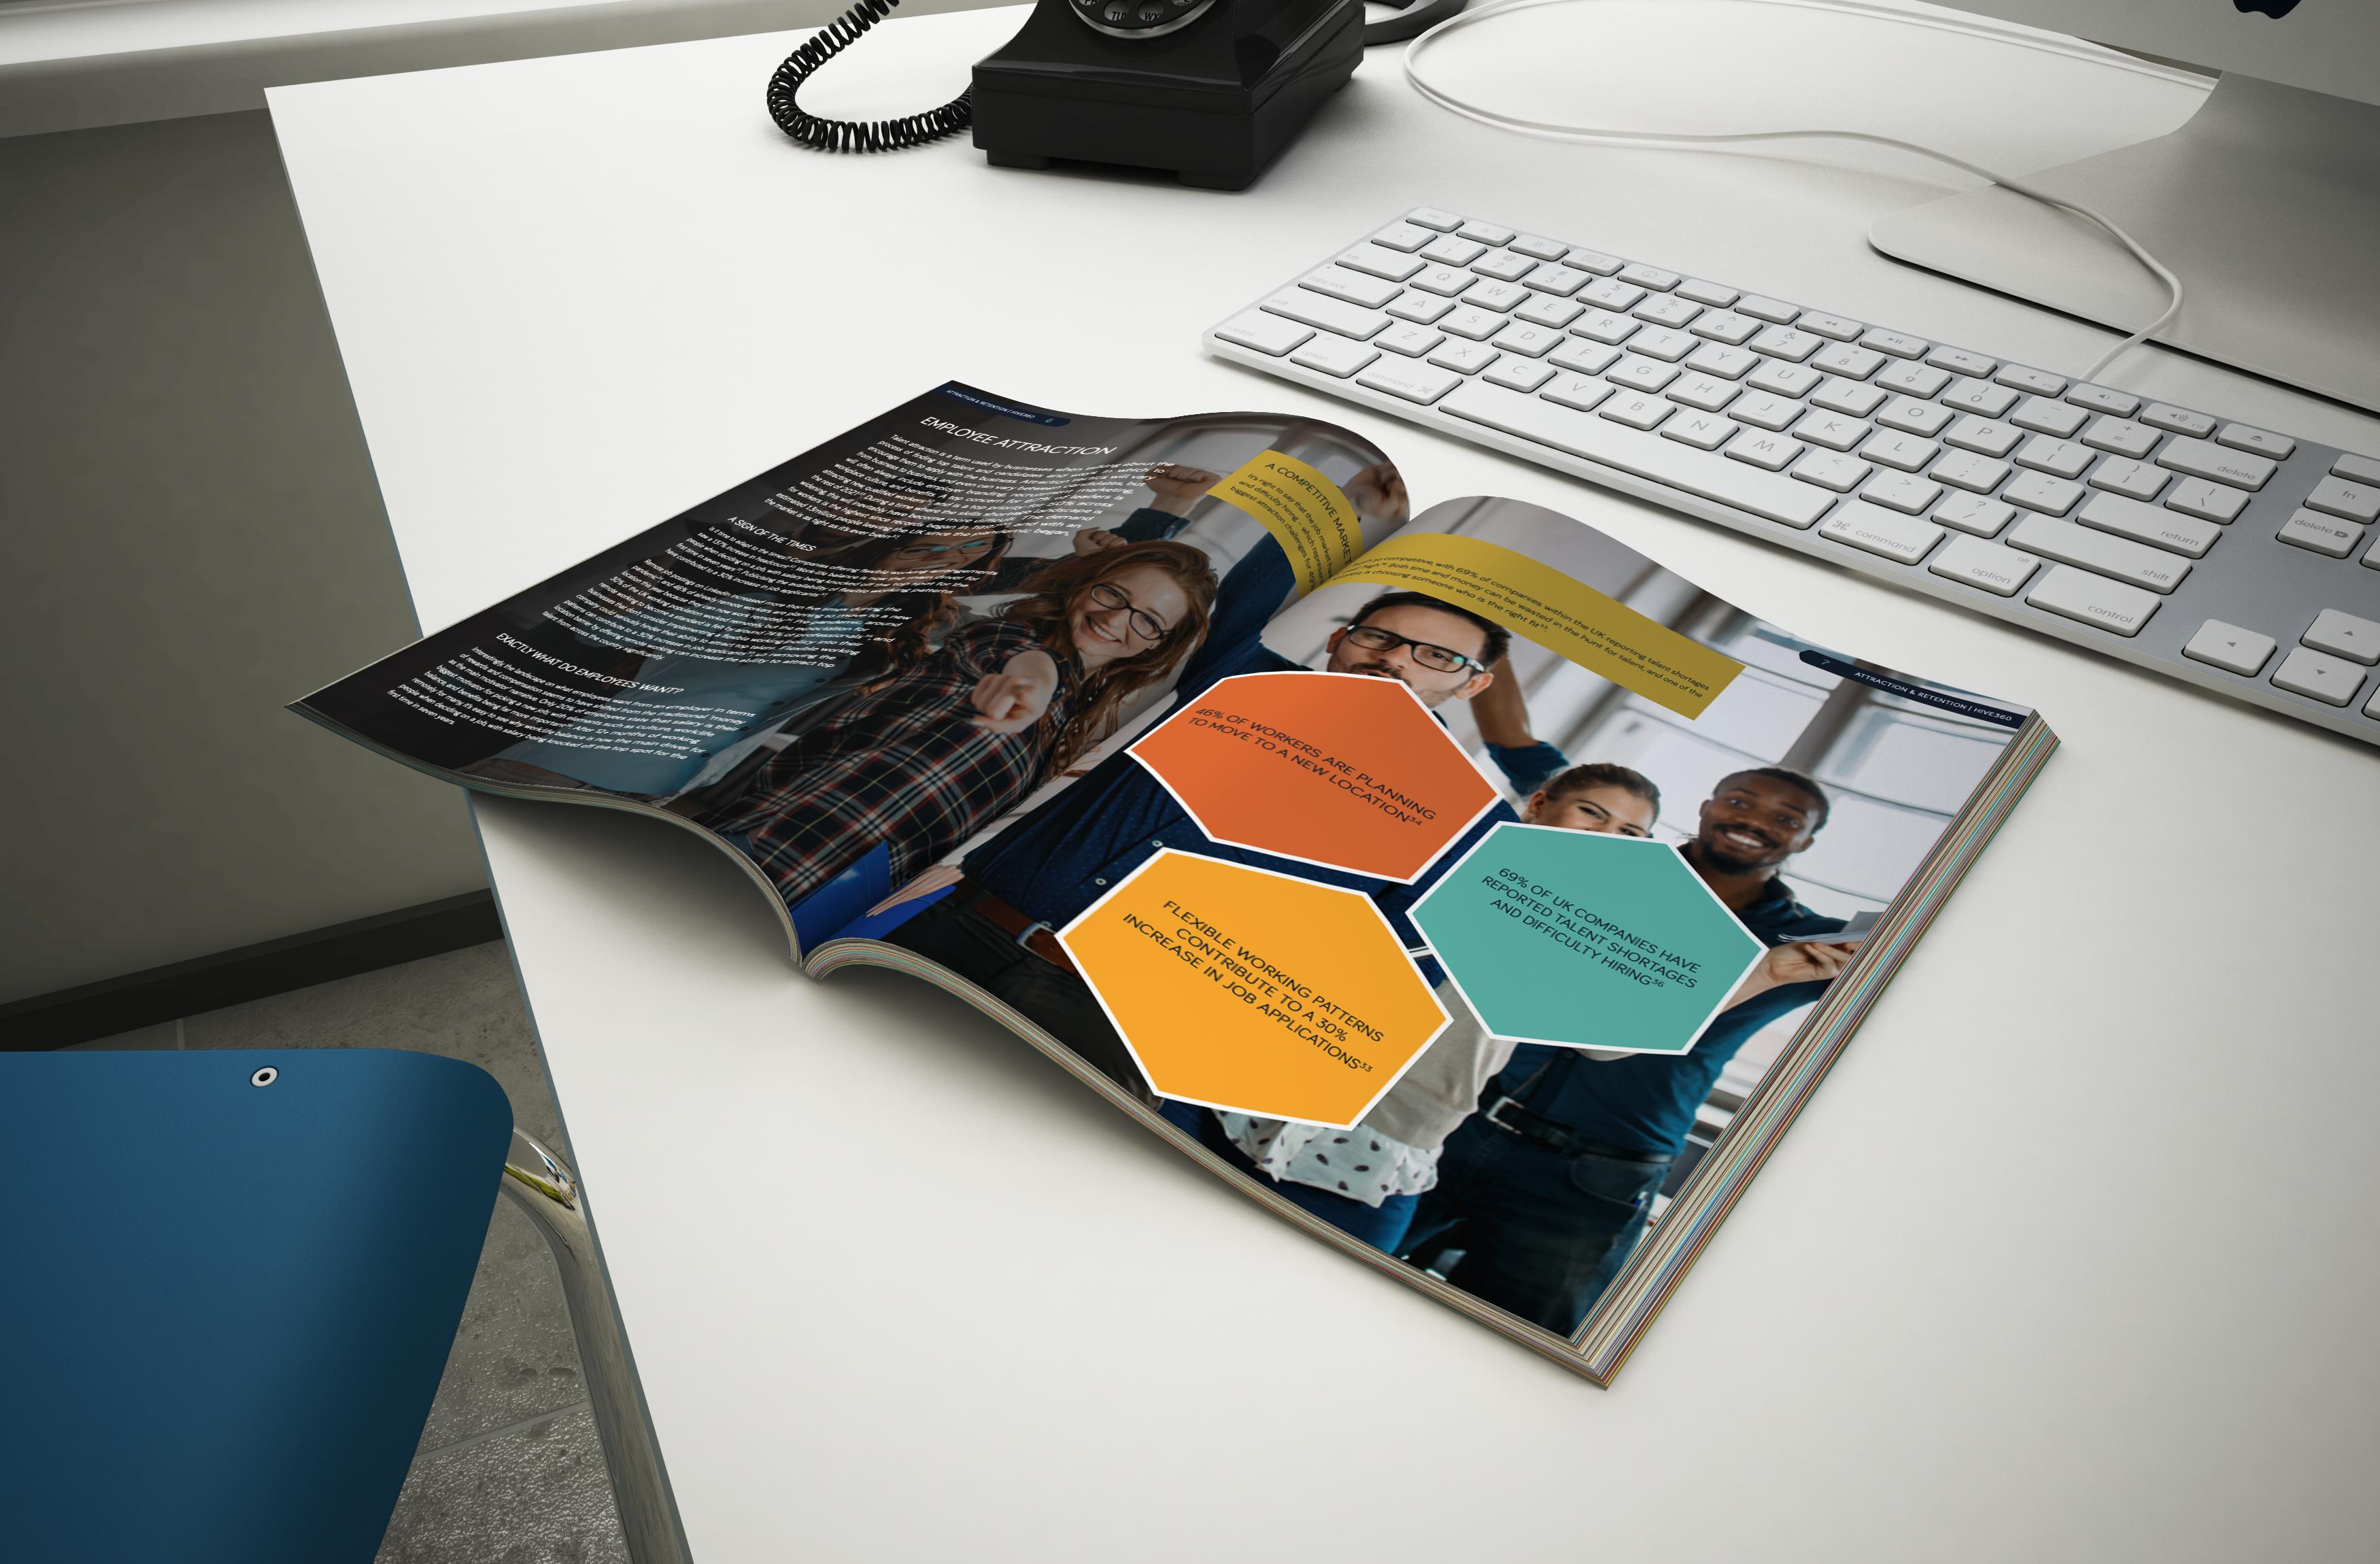 attract,. retain & engage e-book on desk